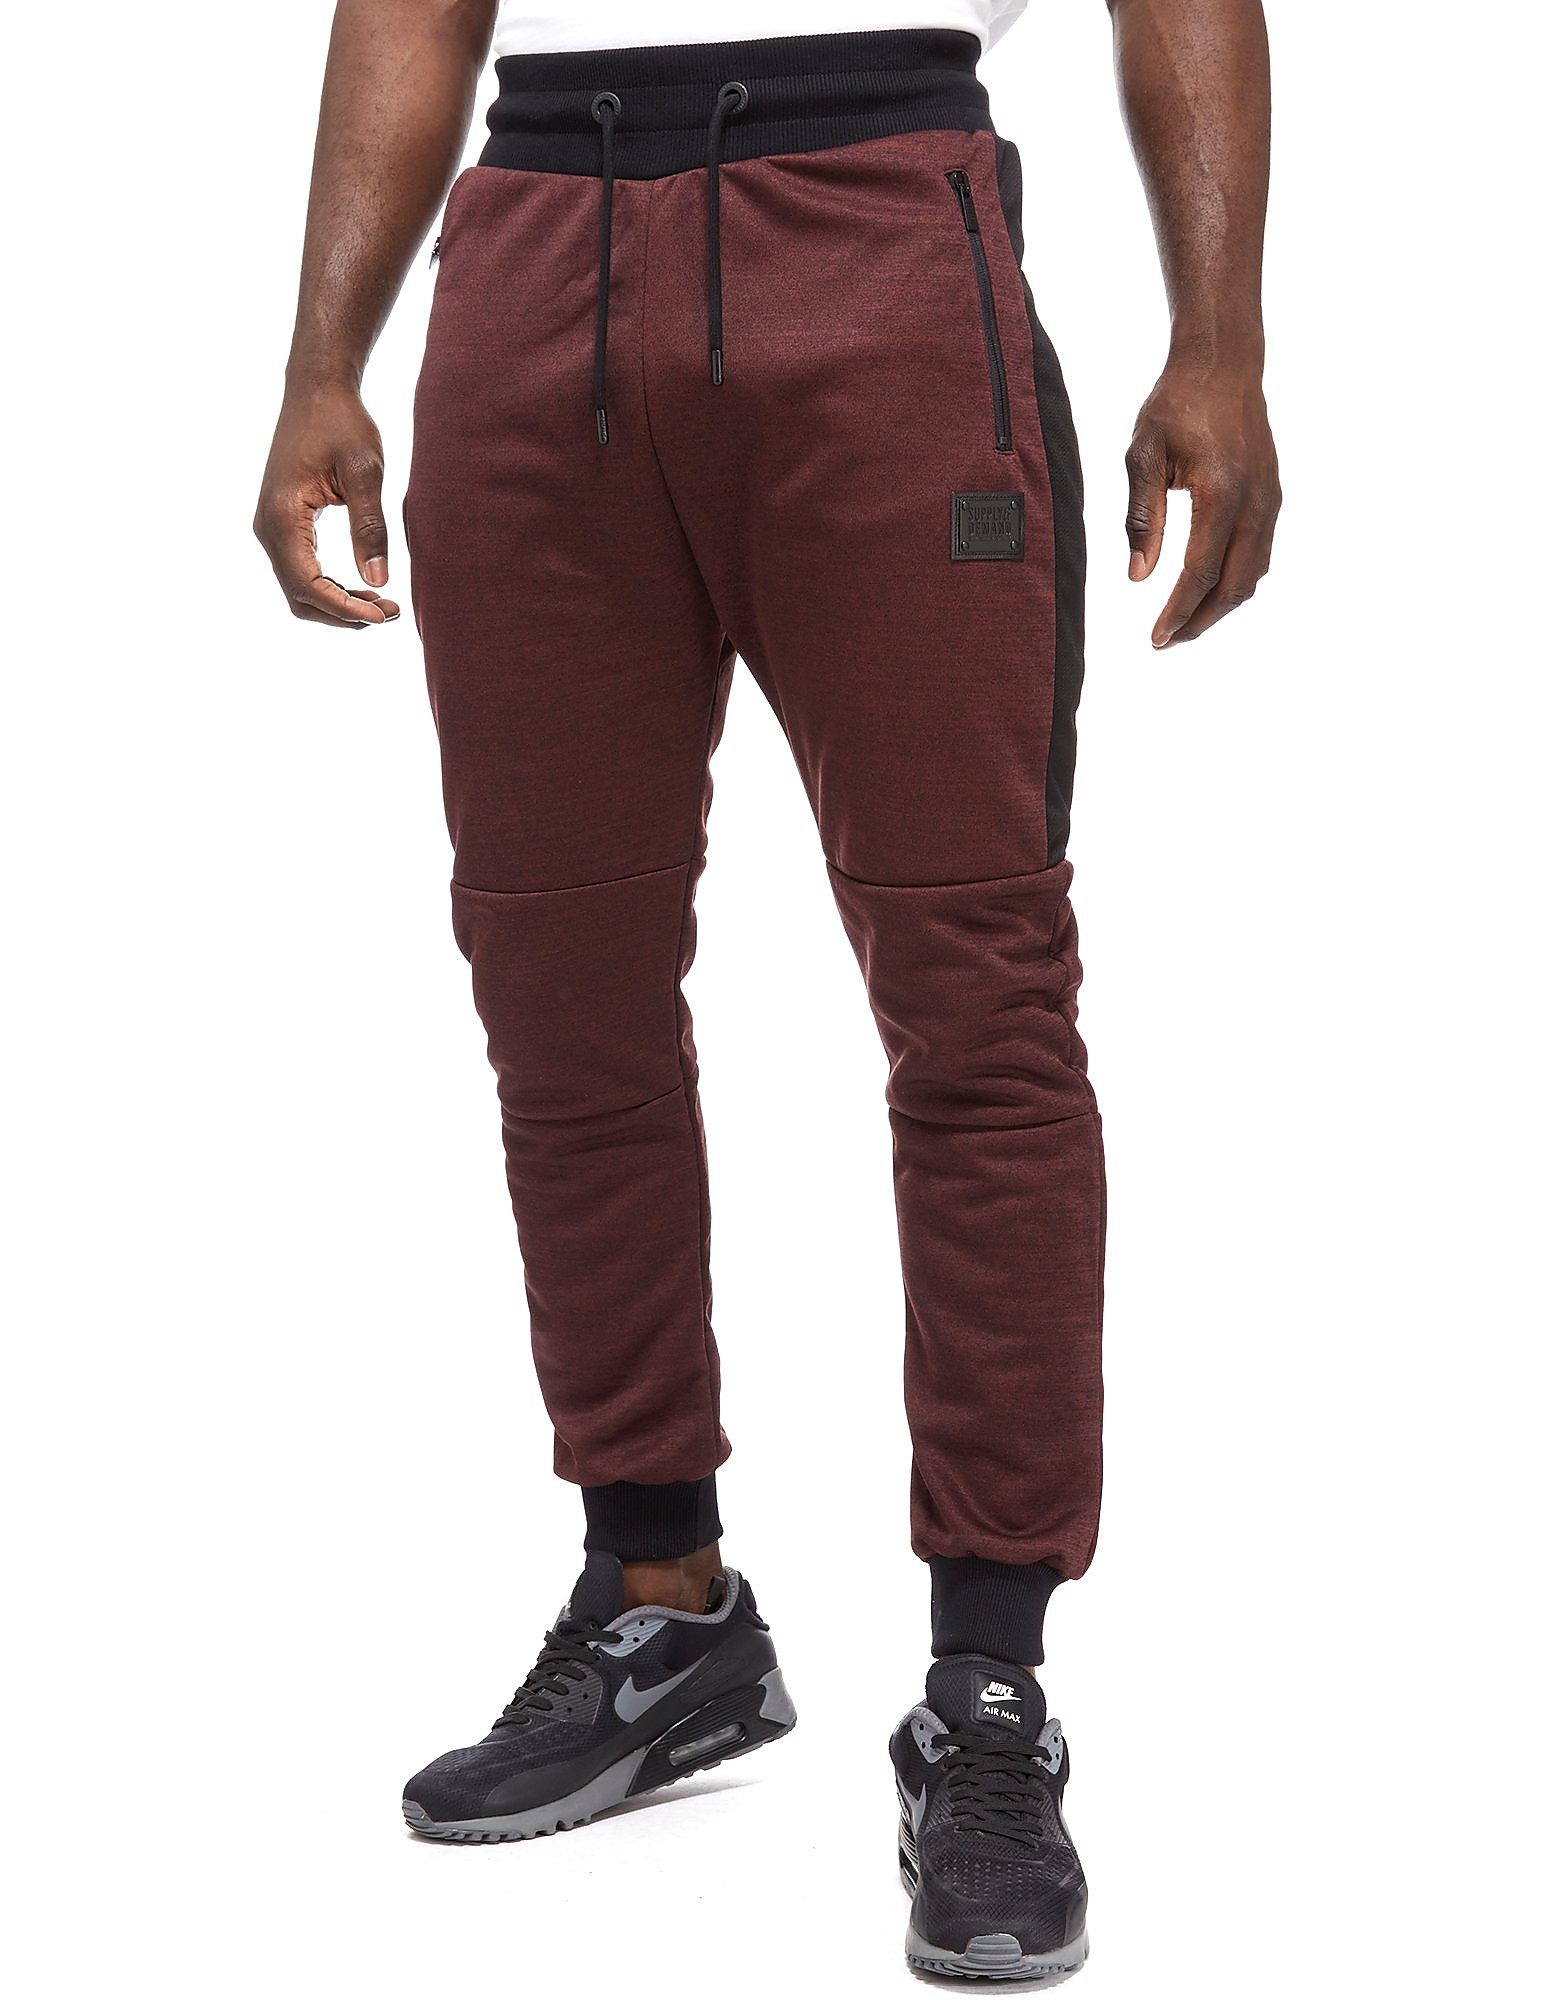 Supply & Demand Pantalon de jogging Spark Homme